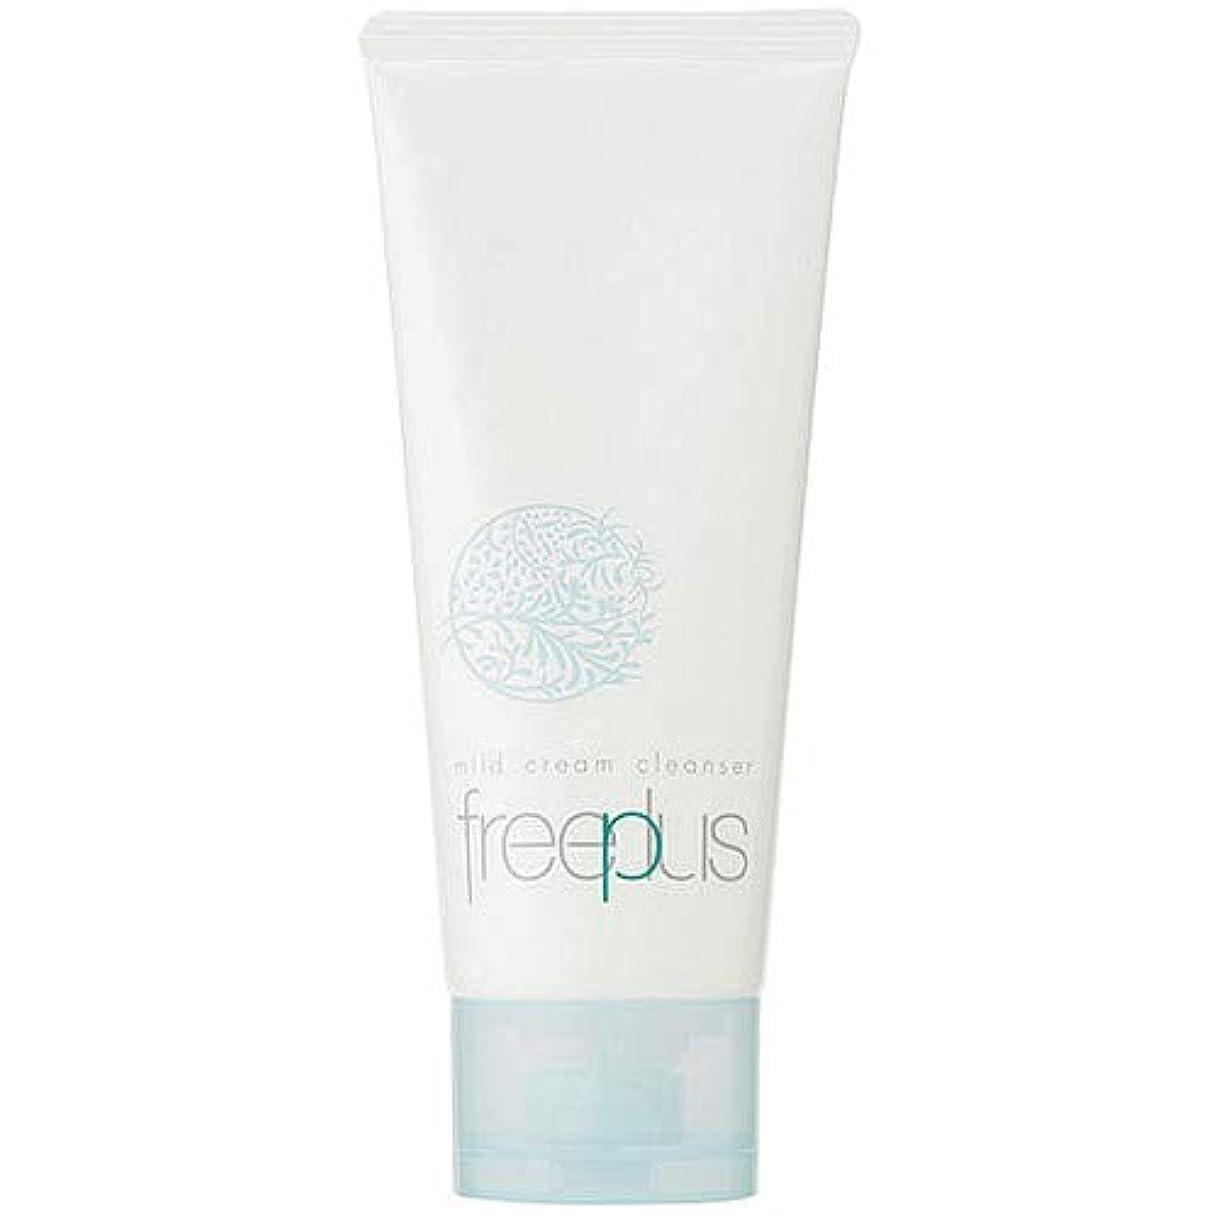 競争管理経営者フリープラス FREEPLUS フリープラス マイルドクリームクレンザーa 125g [並行輸入品]